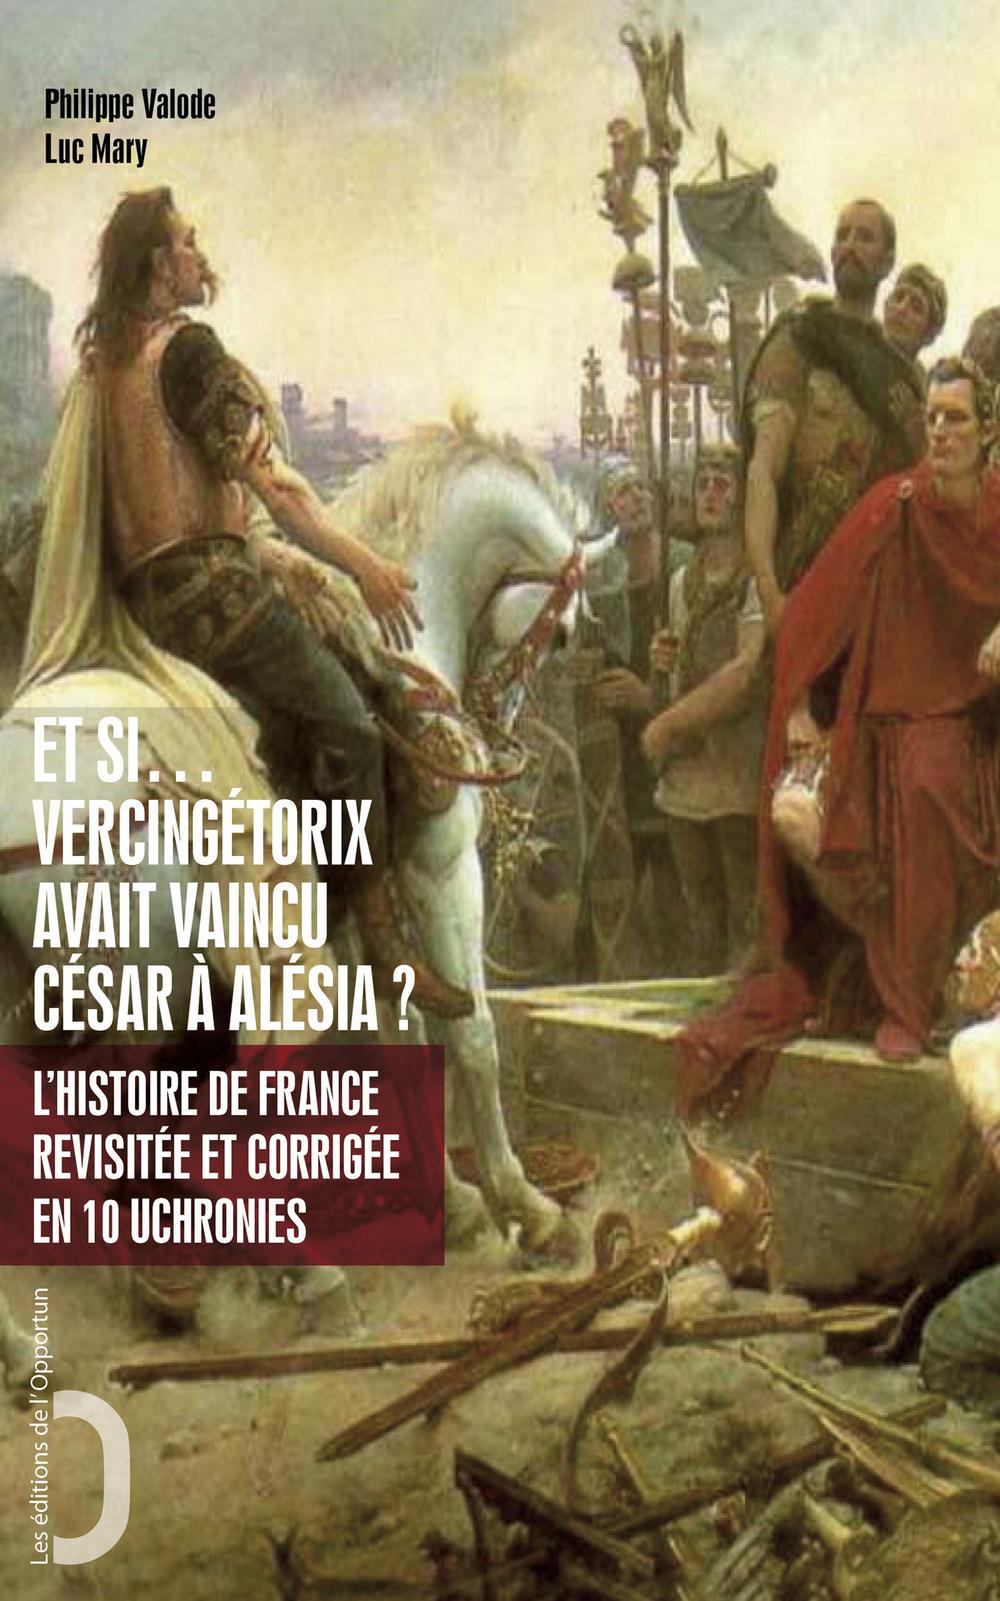 Et si... Vercingétorix avait vaincu César à Alésia